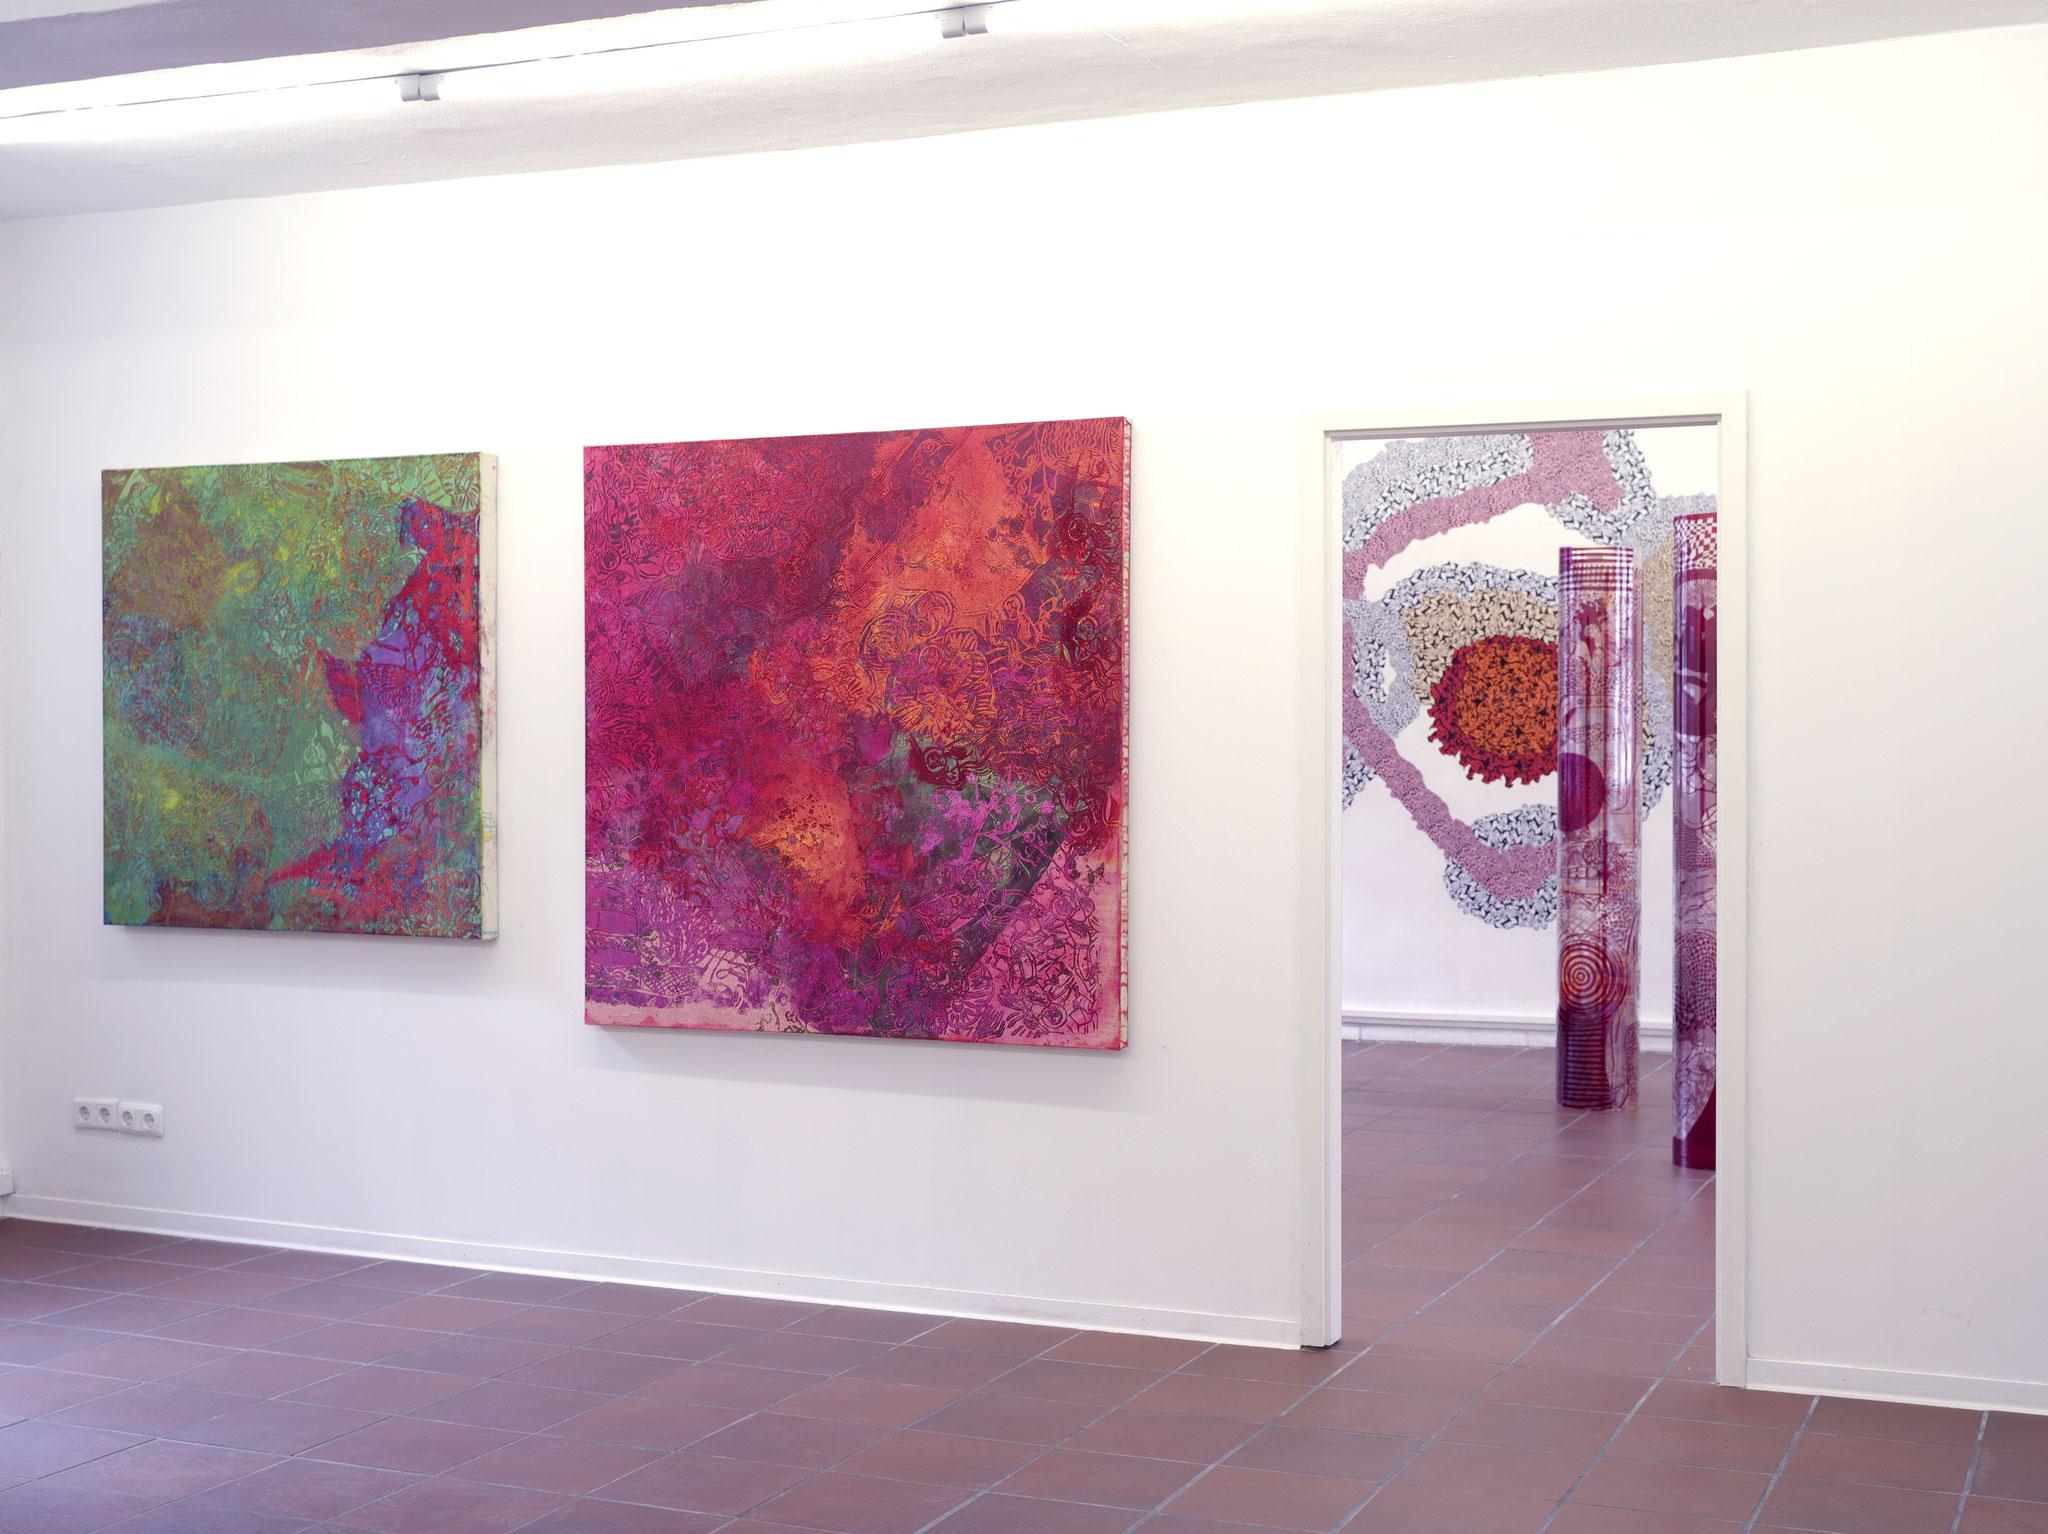 """""""Bonny und Clyde"""", 2013, 140 x 140 cm, Öl auf Leinwand, Sammlung Hans Tepe, Berlin Ausstellungsansicht: """"Sounds of Silence"""", 2013, Bräuning Contemporary, Hamburg (Foto: Ralf Timm)"""